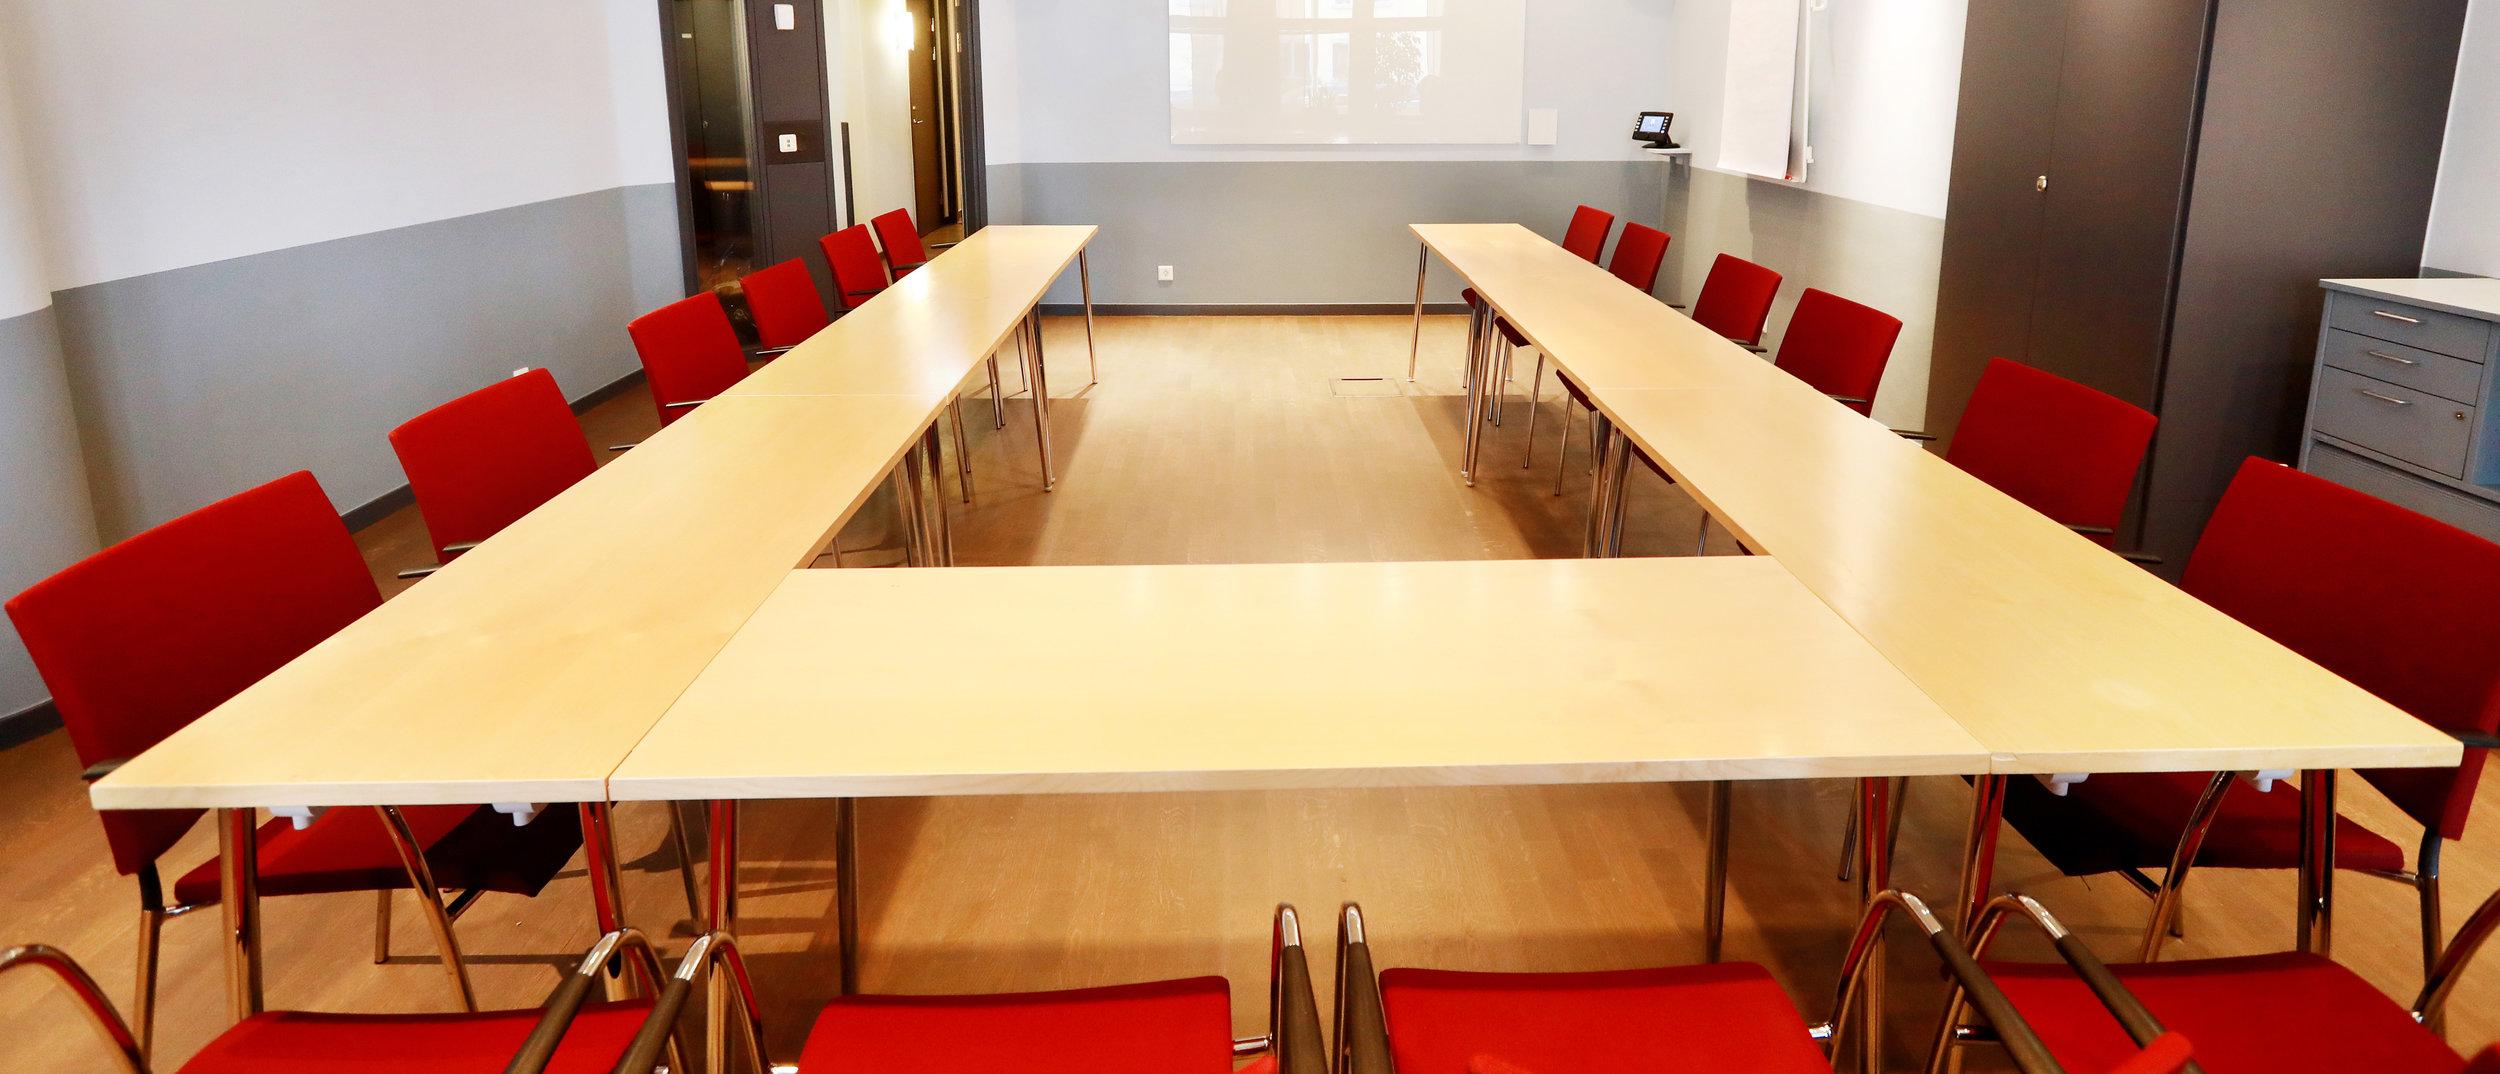 Adelsö, ett mindre konferensrum på Essinge Konferenscenter i Stockholm